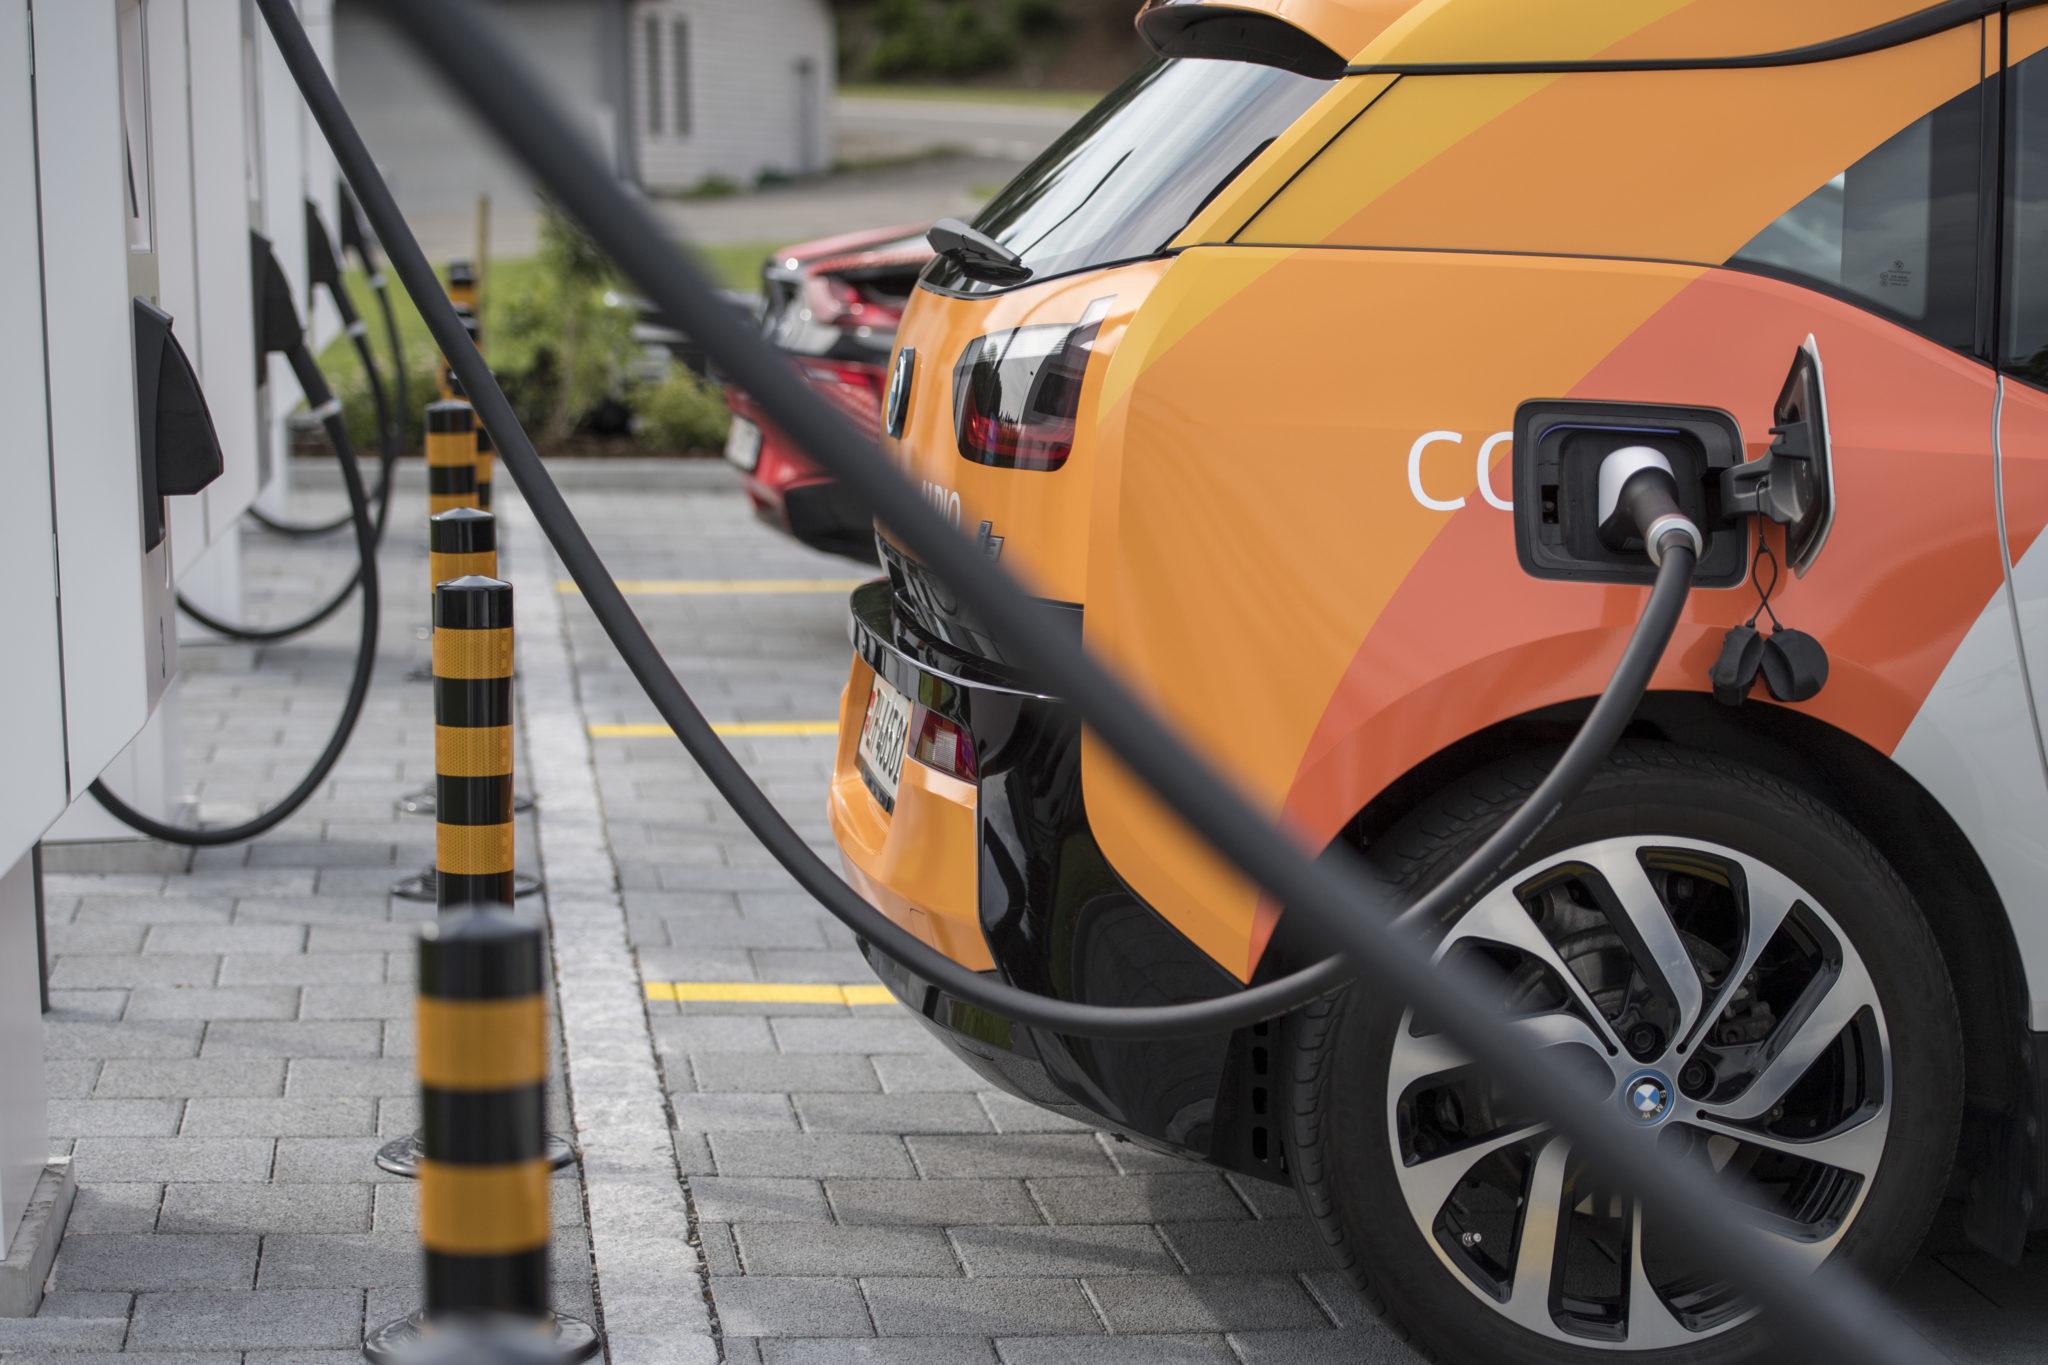 Mit sauberem Strom fahren Elektroautos fast zum CO2-Nulltarif. Im Bild die erste High-Power-Ladestation der Schweiz an der A2-Autobahnraststätte Neuenkirch. Dort lassen sich E-Autos sehr schnell laden – je nach Modell innert Minuten.